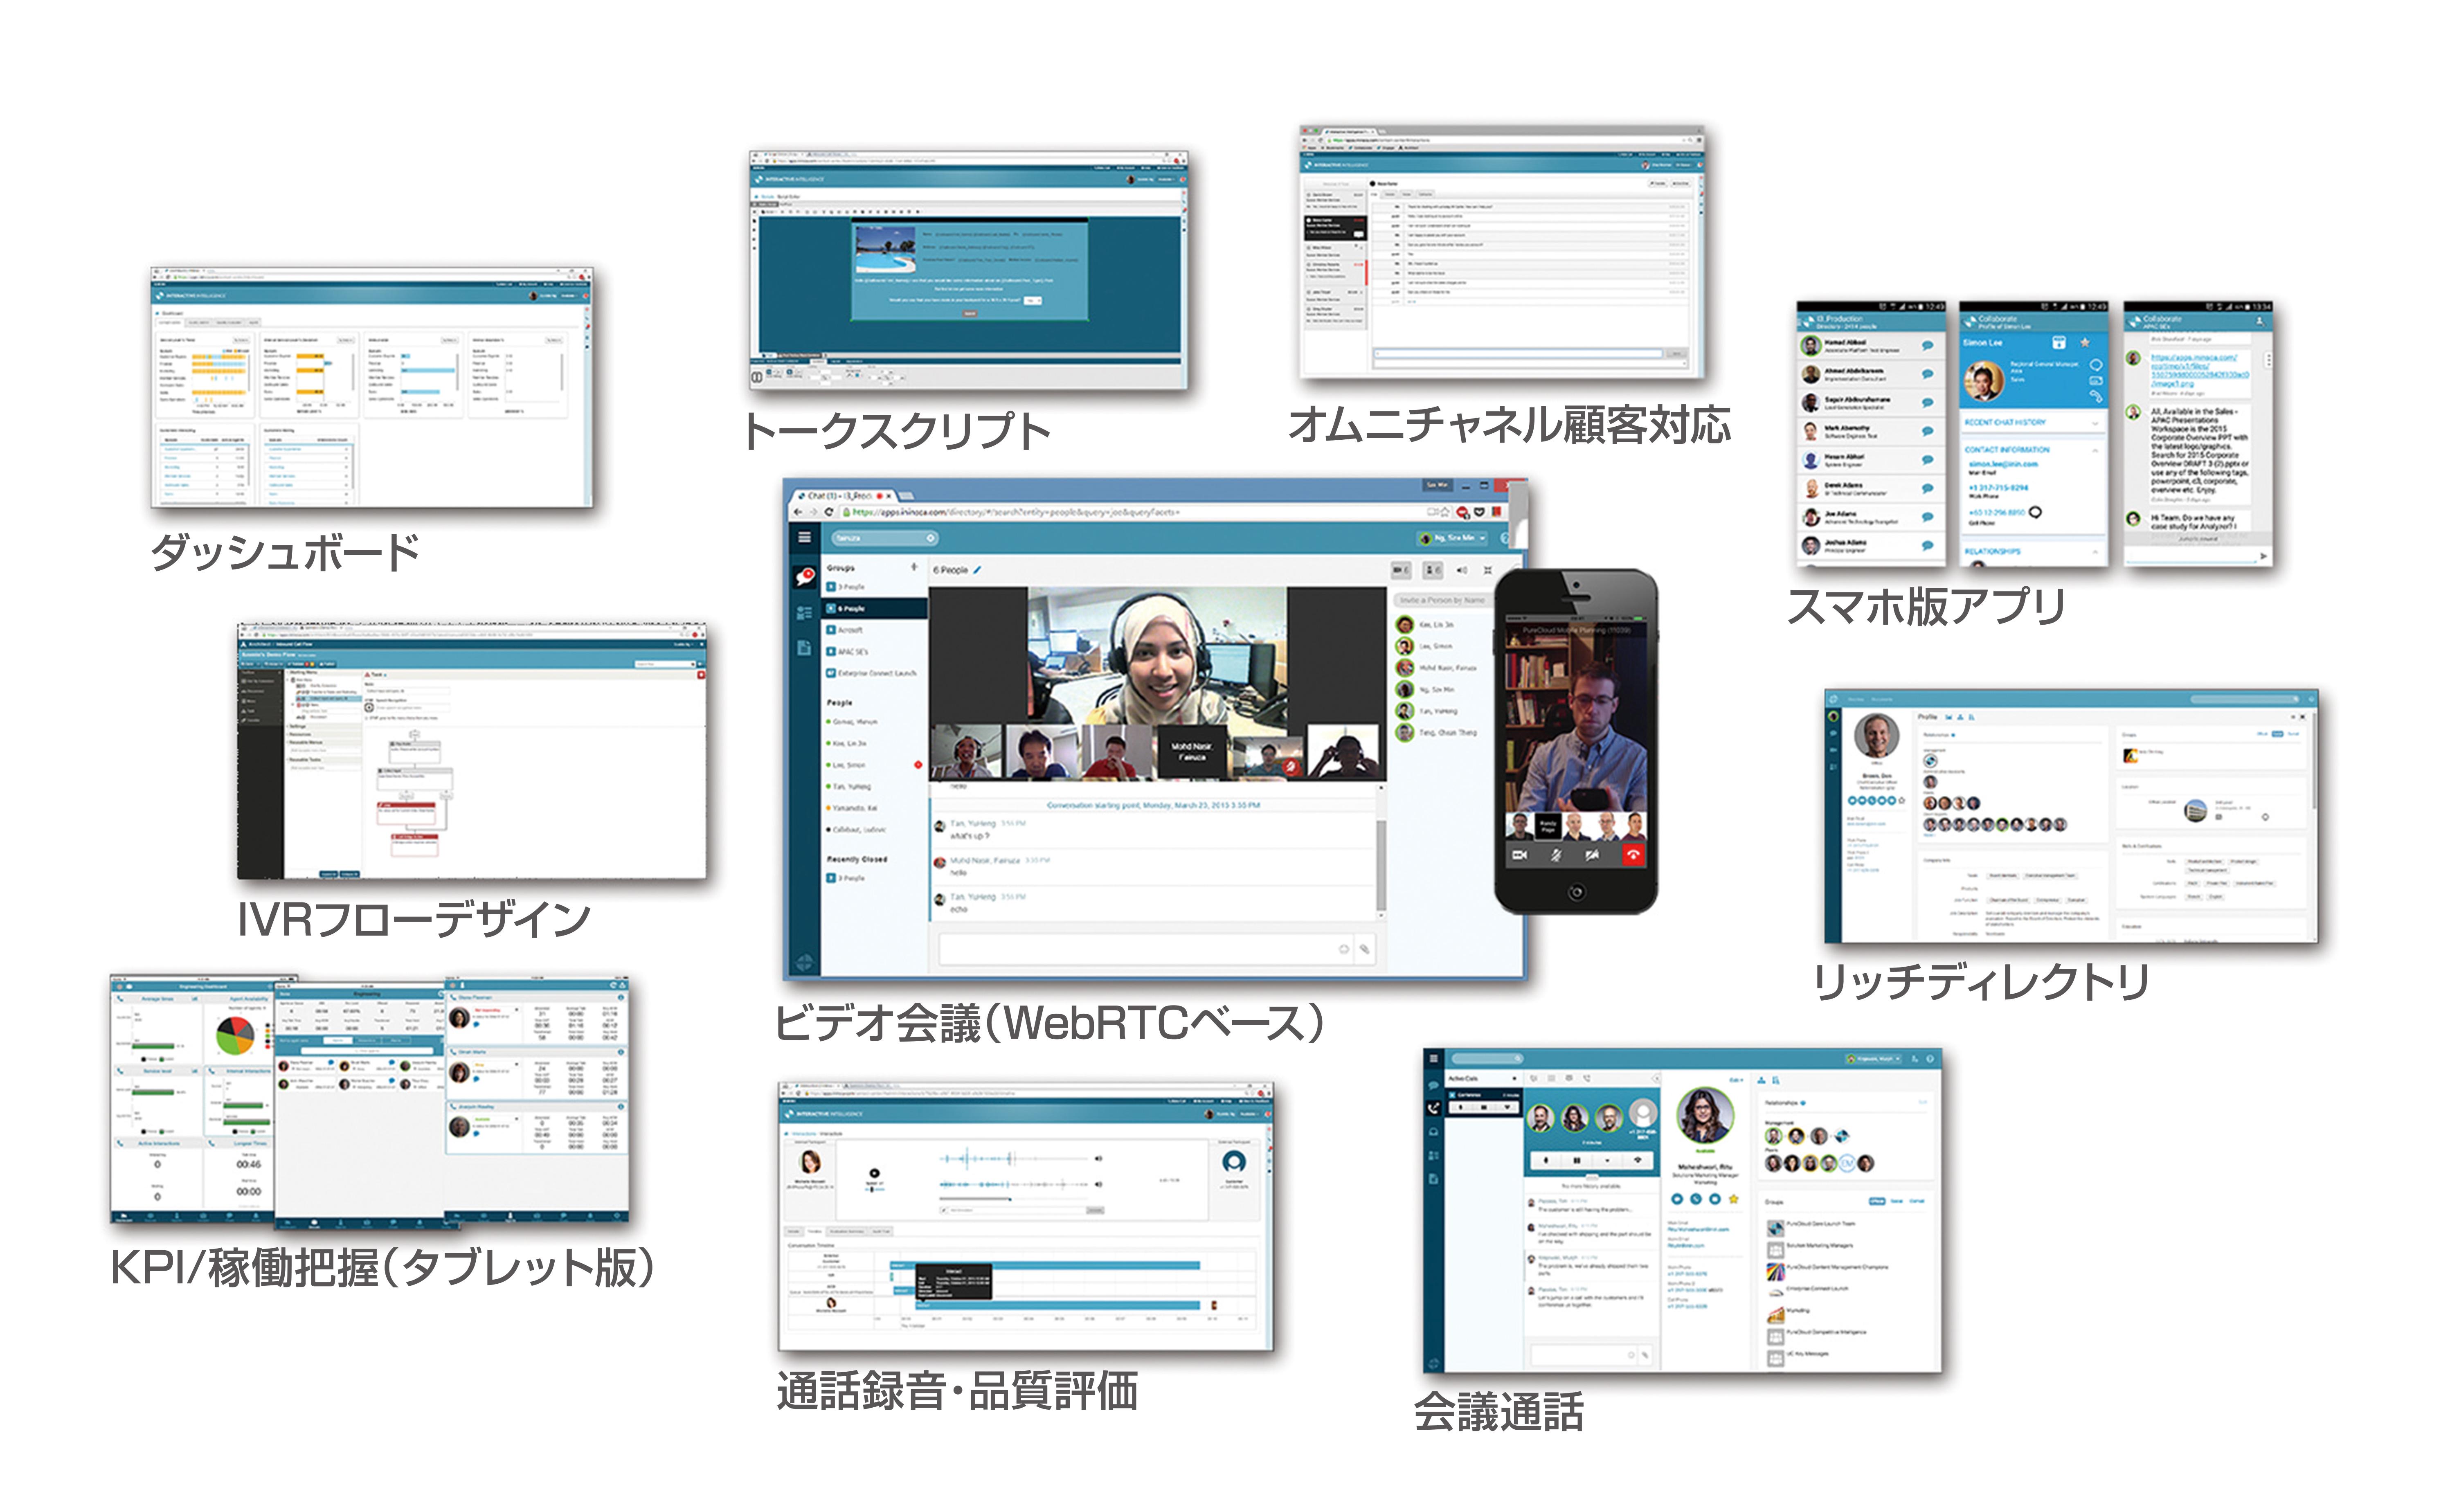 次世代クラウドサービス PureCloud